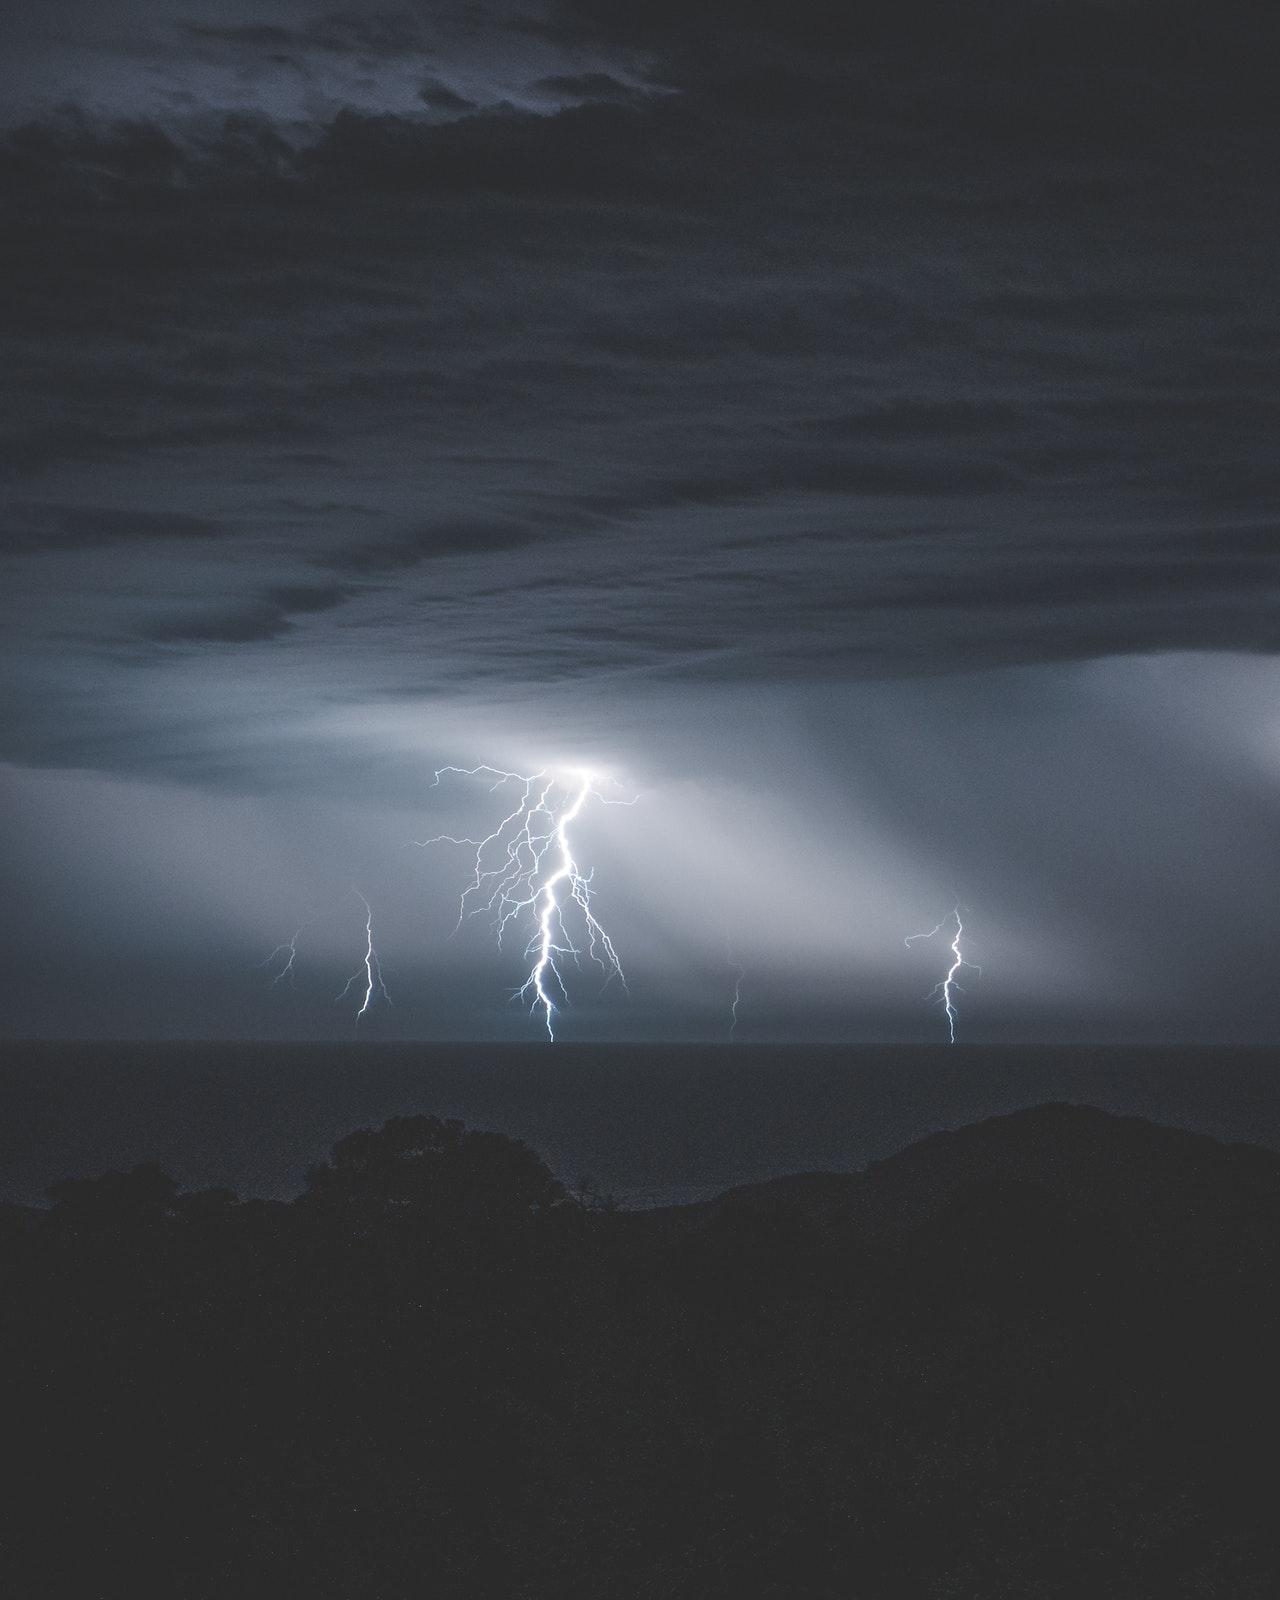 Protégez_vos_fenêtres_avant_la_prochaine_tempête